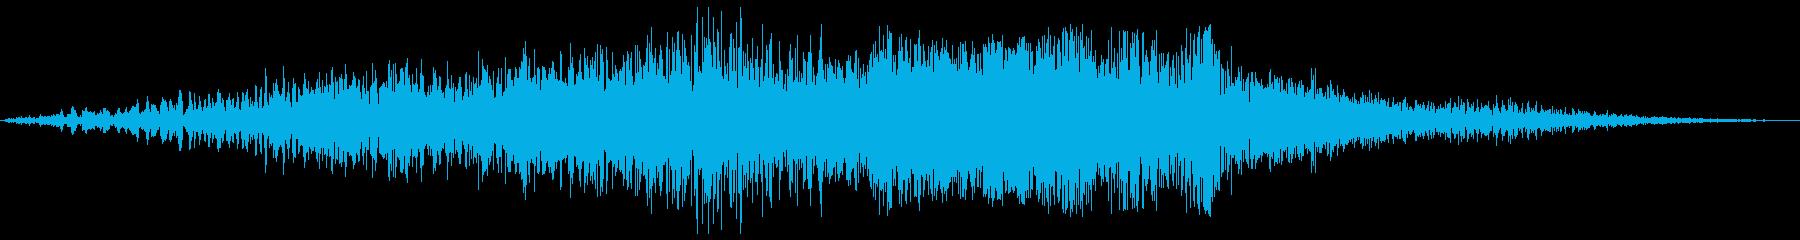 ボァ〜バァ〜(素敵な物が現れるような音)の再生済みの波形